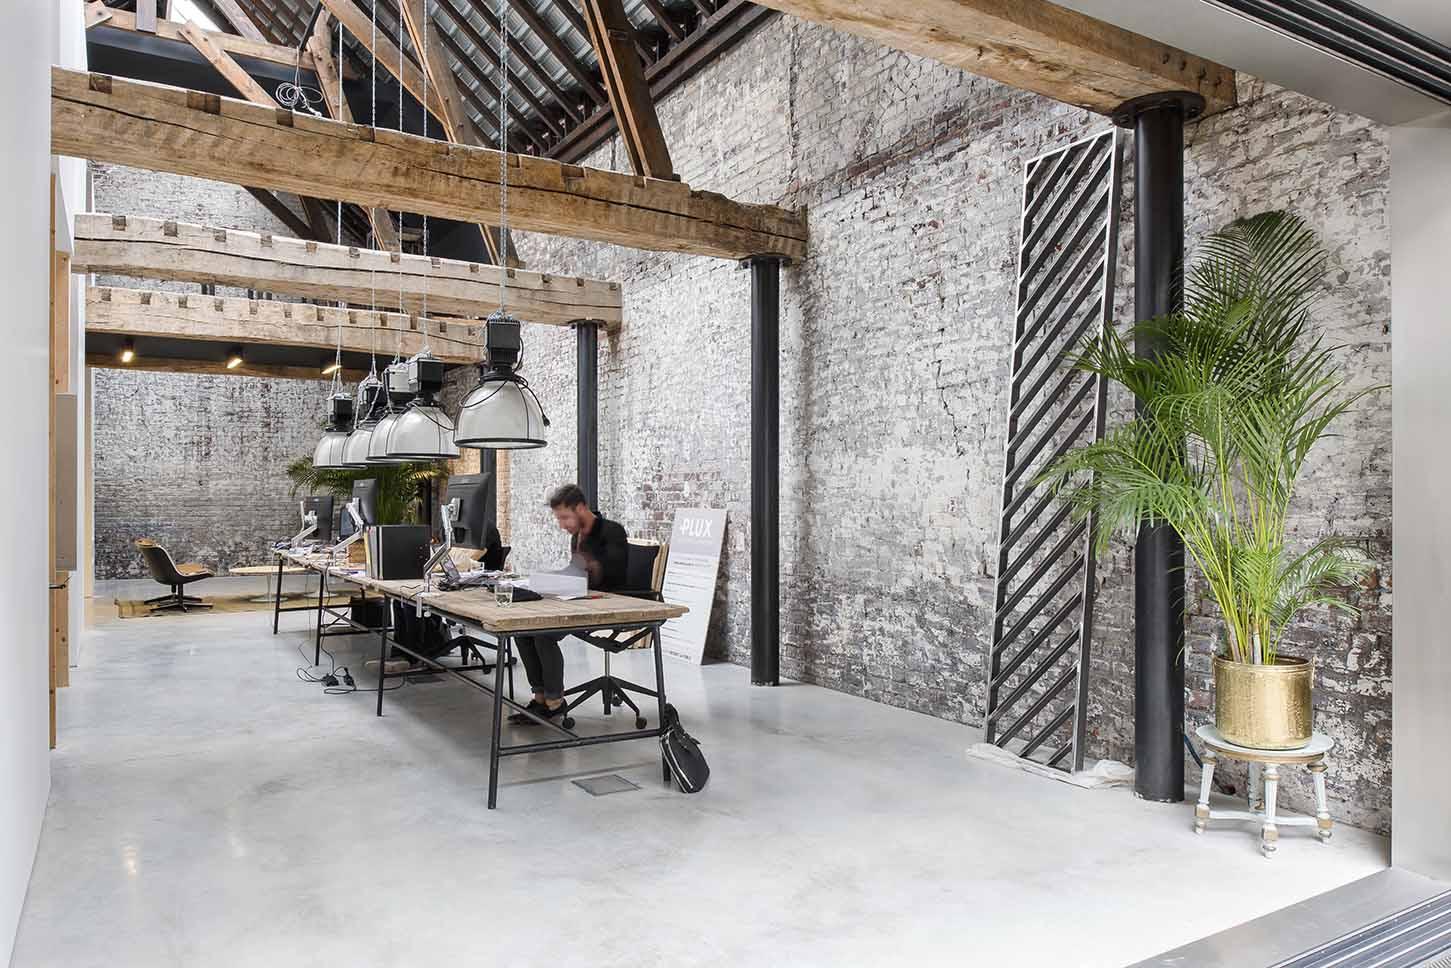 transformation d 39 un garage automobile en agence d 39 architecture architecte lille plux. Black Bedroom Furniture Sets. Home Design Ideas